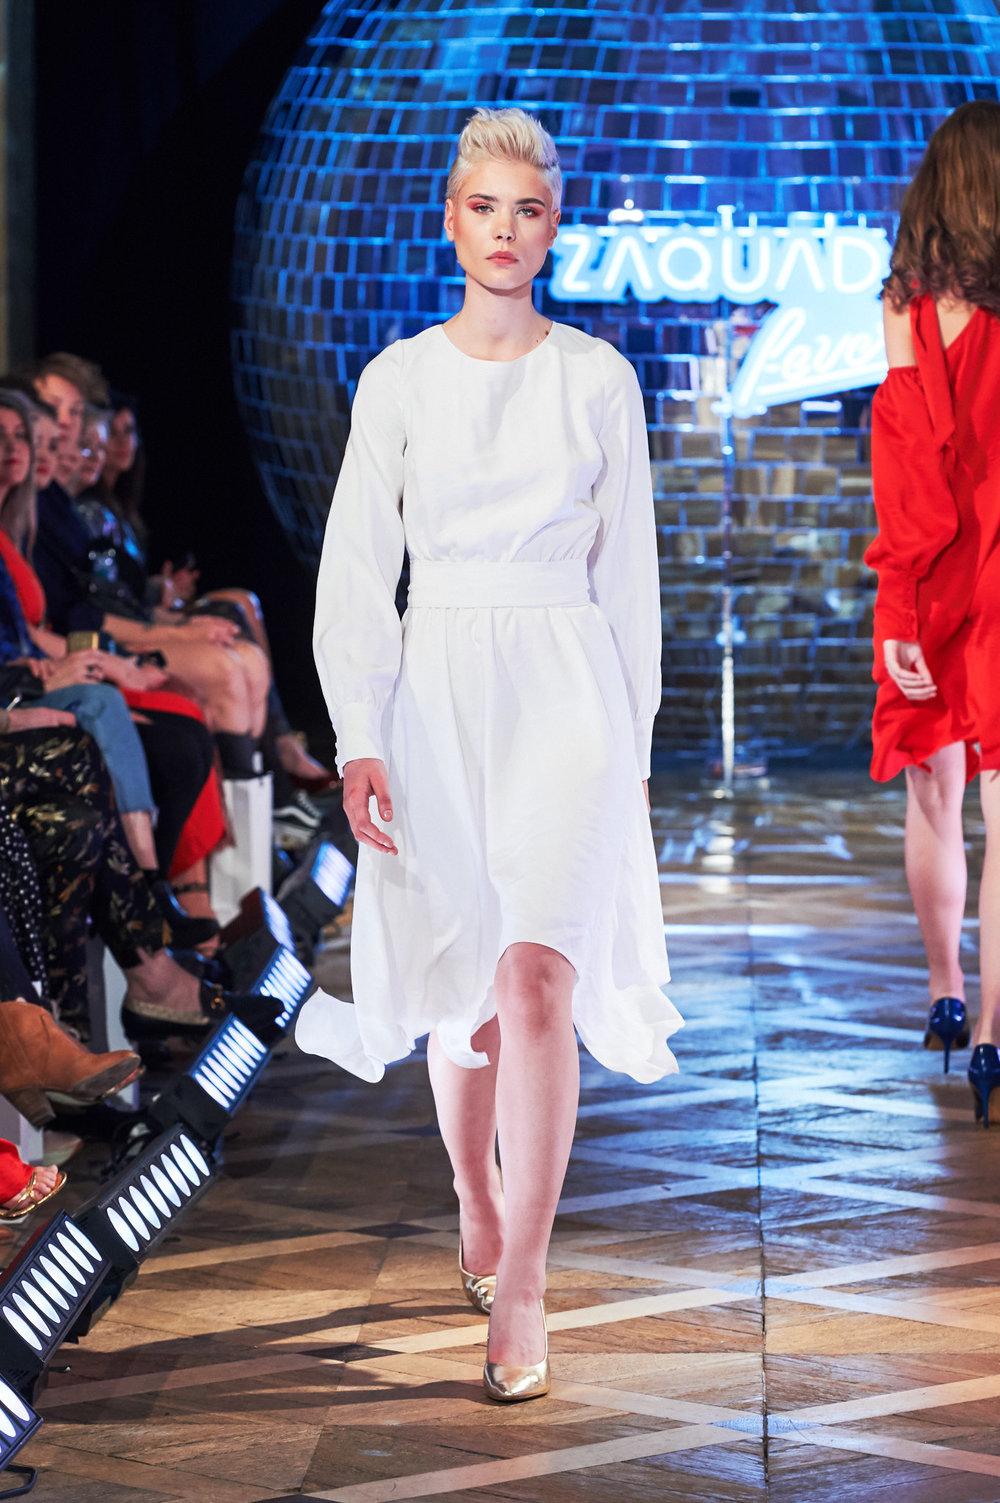 28_ZAQUAD_090519_lowres-fotFilipOkopny-FashionImages.jpg